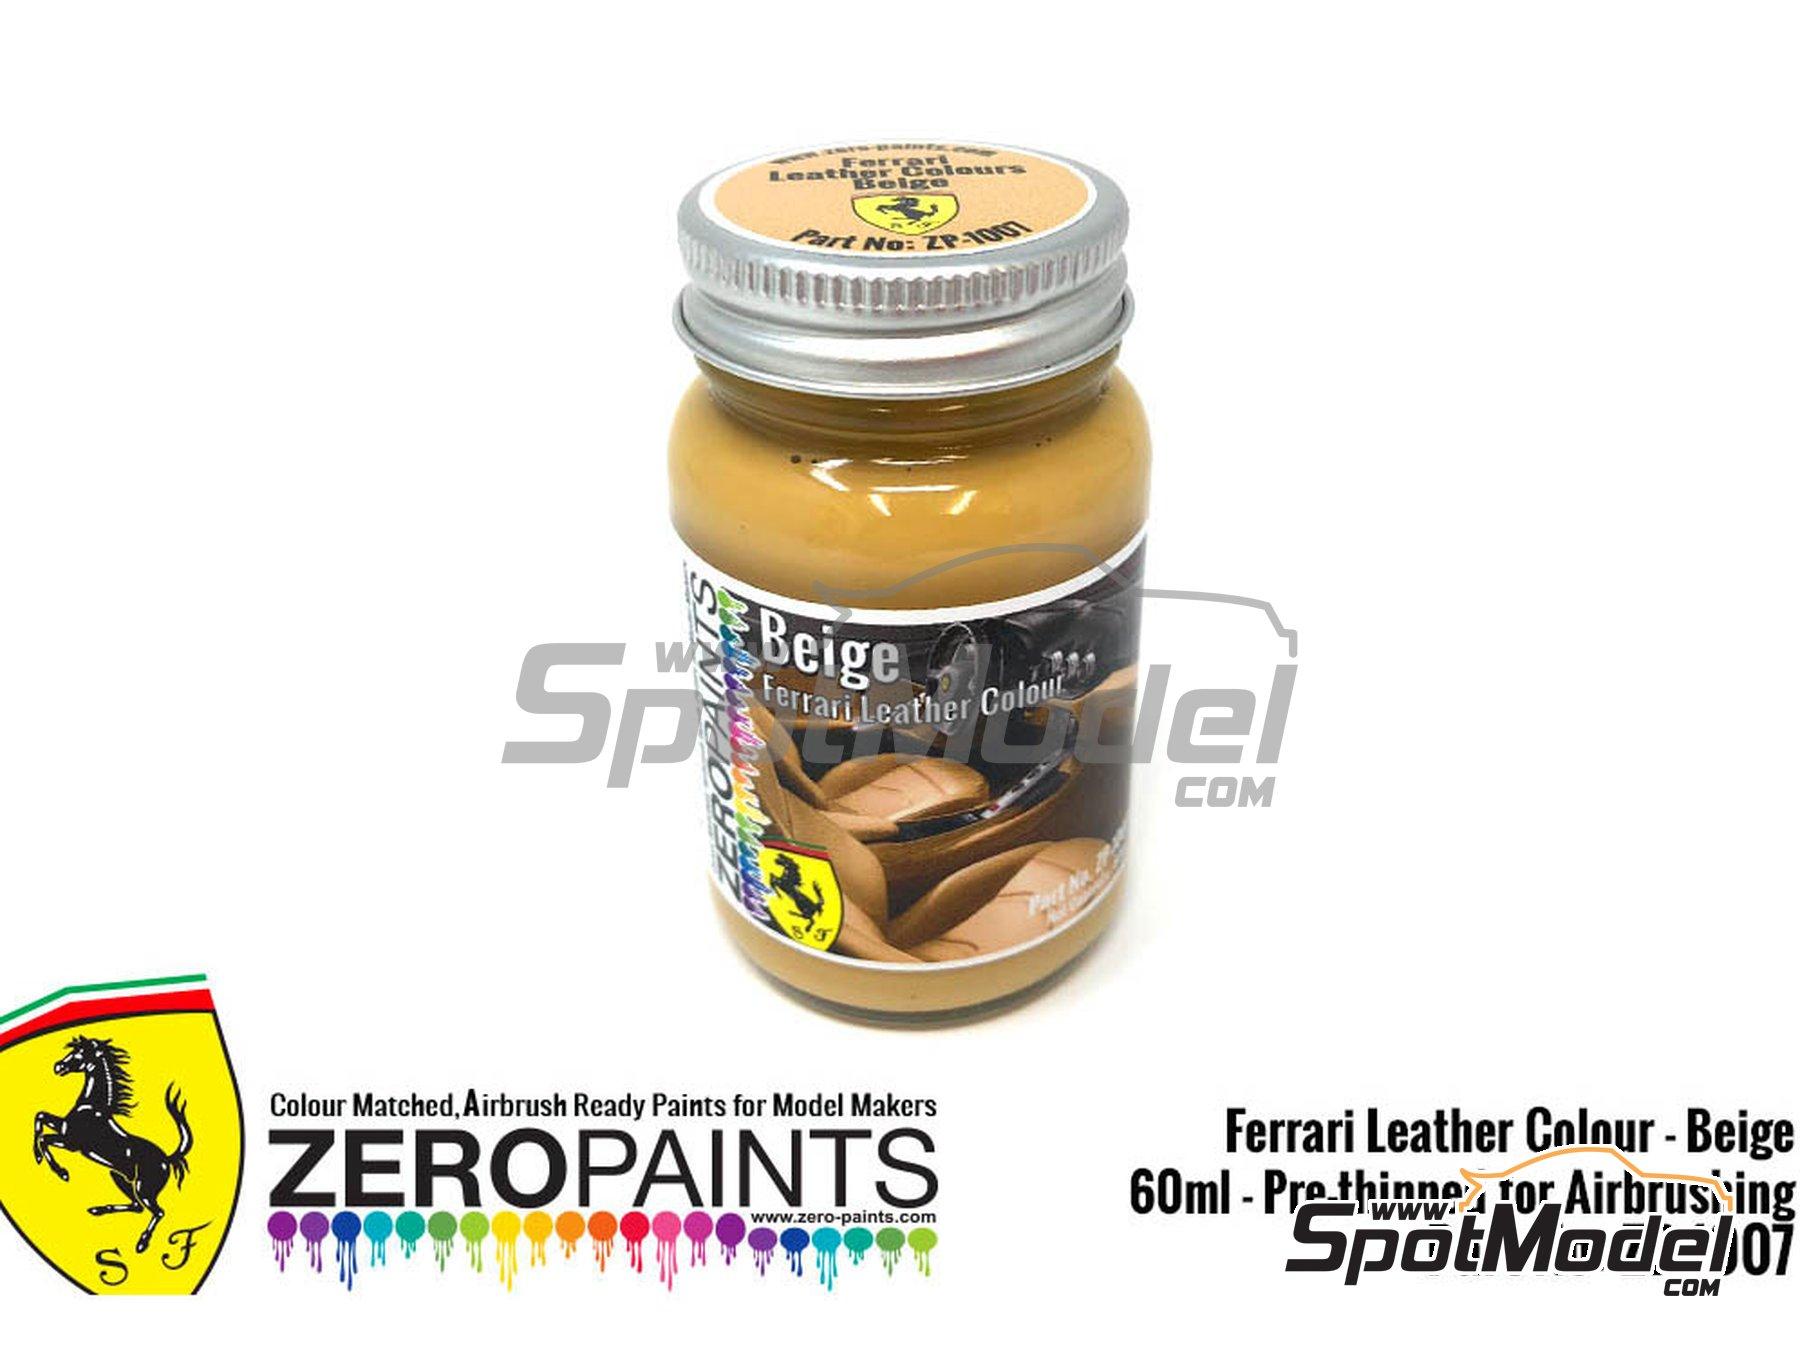 Image 1: Ferrari leather colour beige | Paint manufactured by Zero Paints (ref.ZP-1007-7754-03)